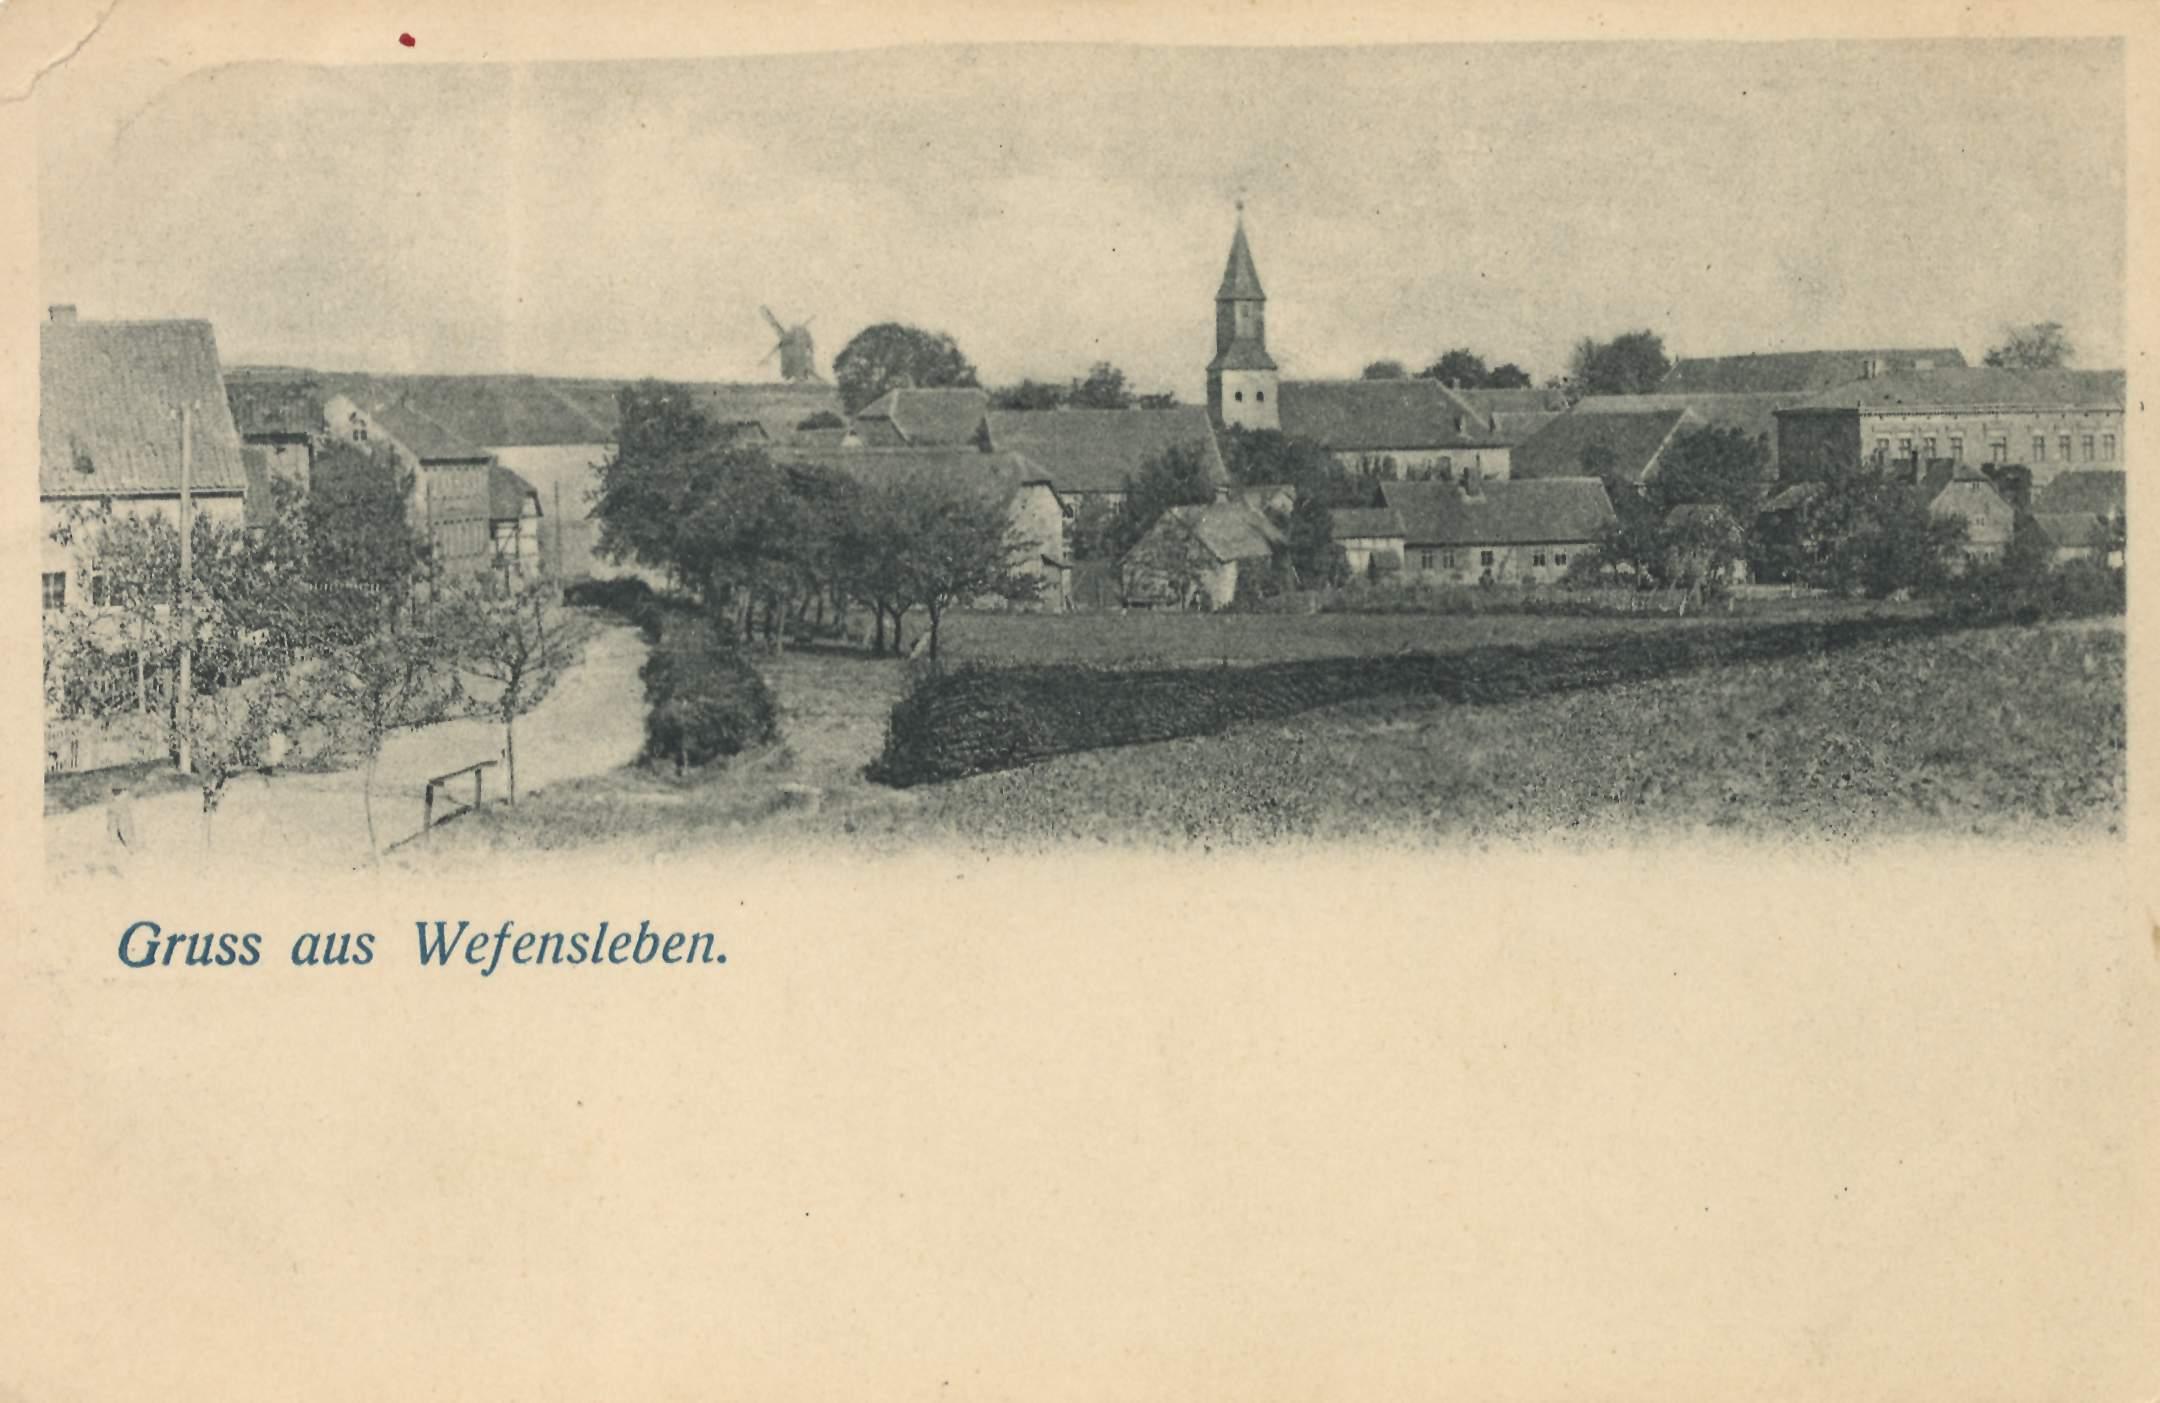 Wefensleben